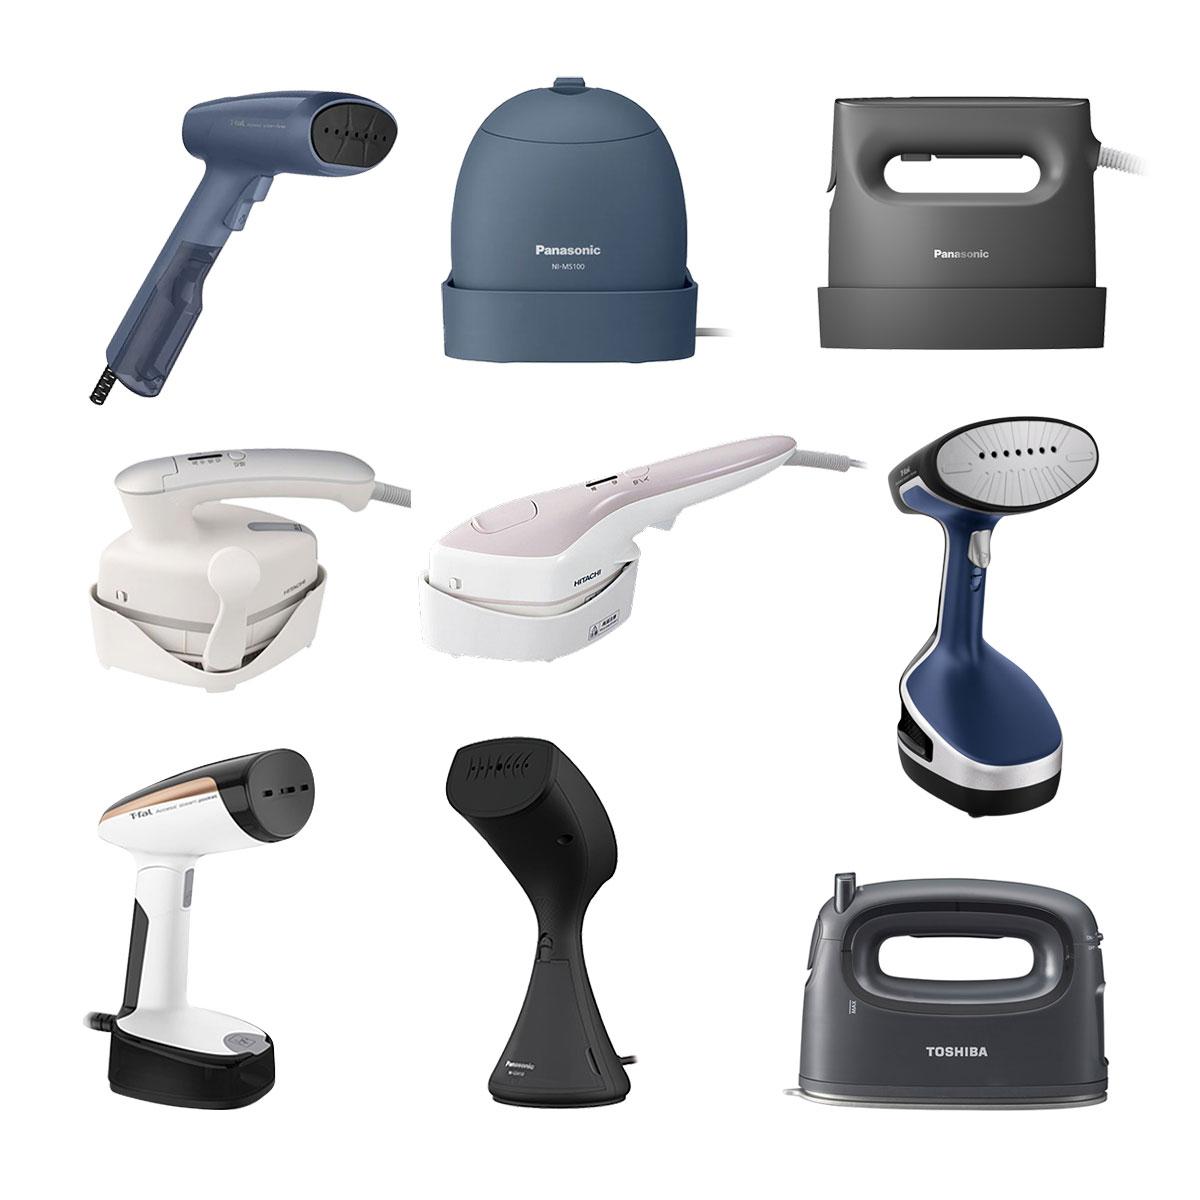 《2020年》おすすめ衣類スチーマー10選。性能にすぐれた人気モデルを厳選!